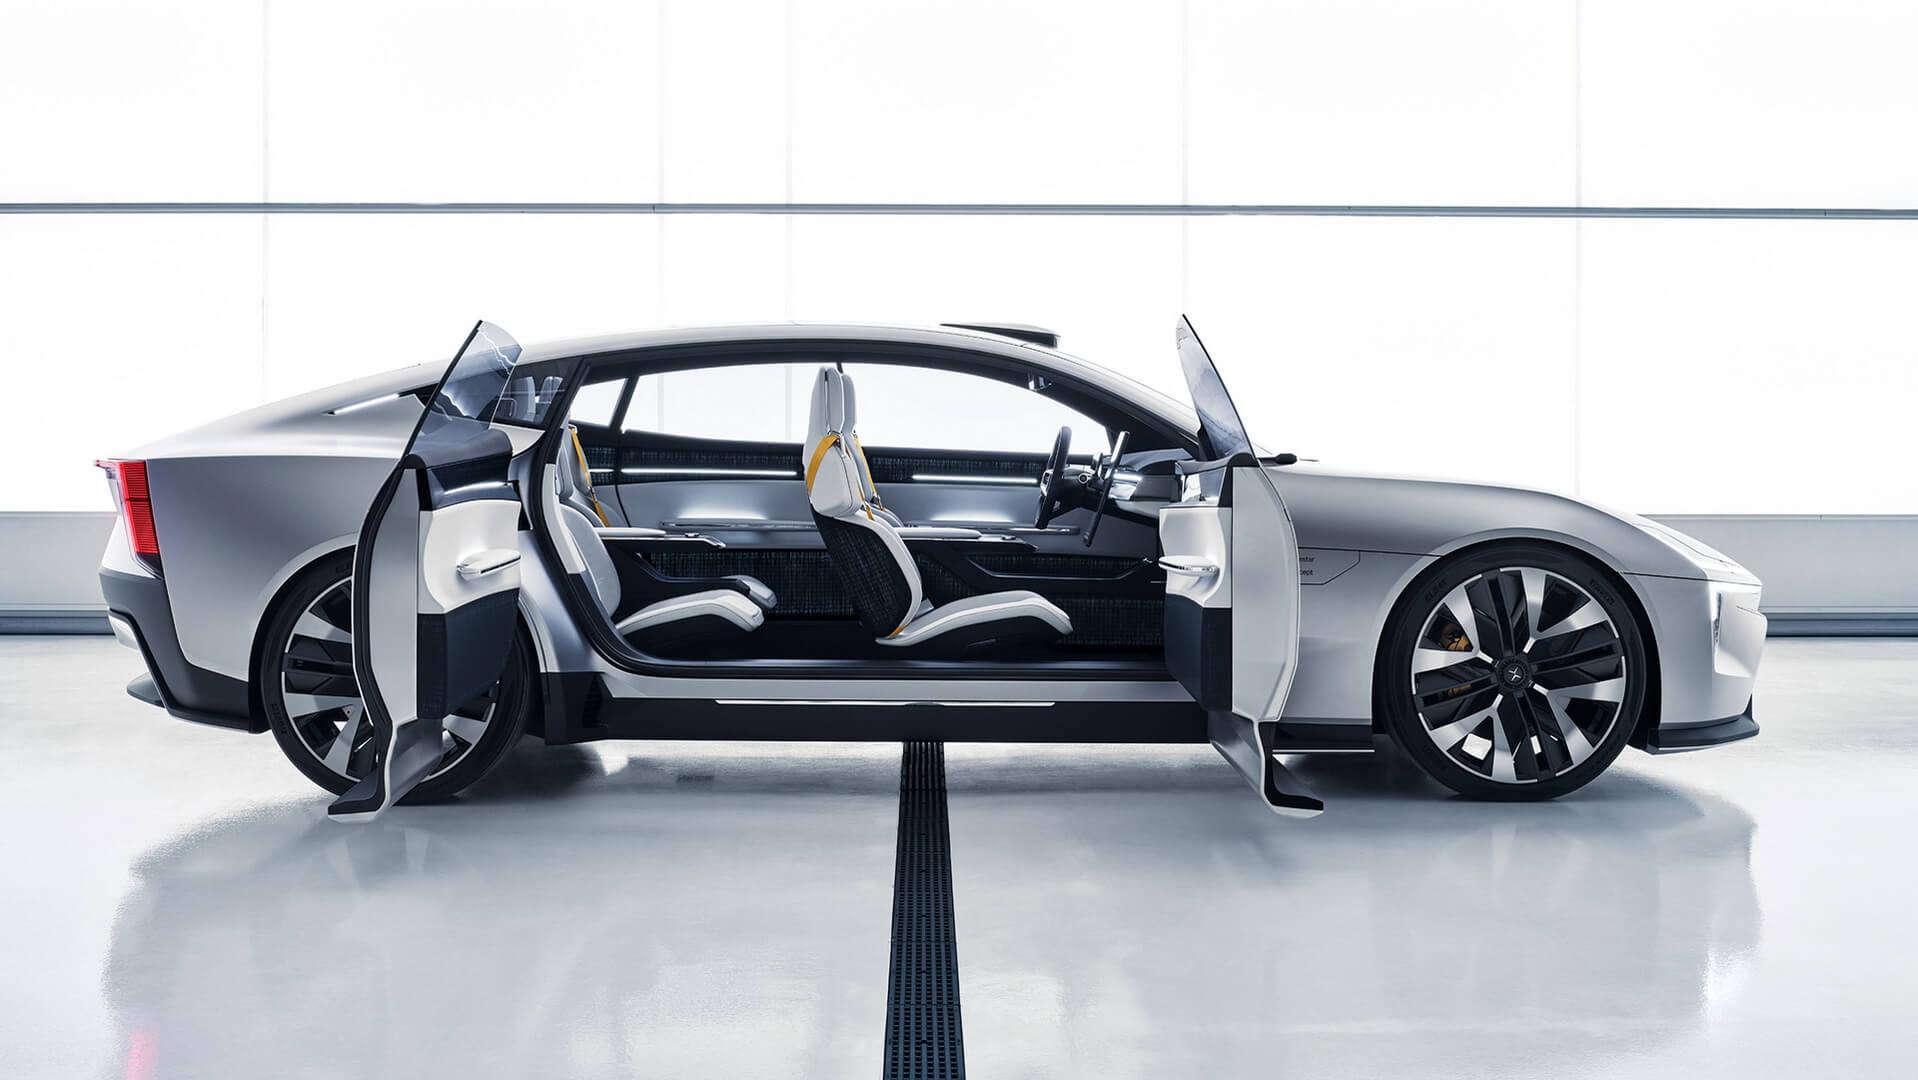 Будущее Polestar: экологичный и инновационный седан Precept